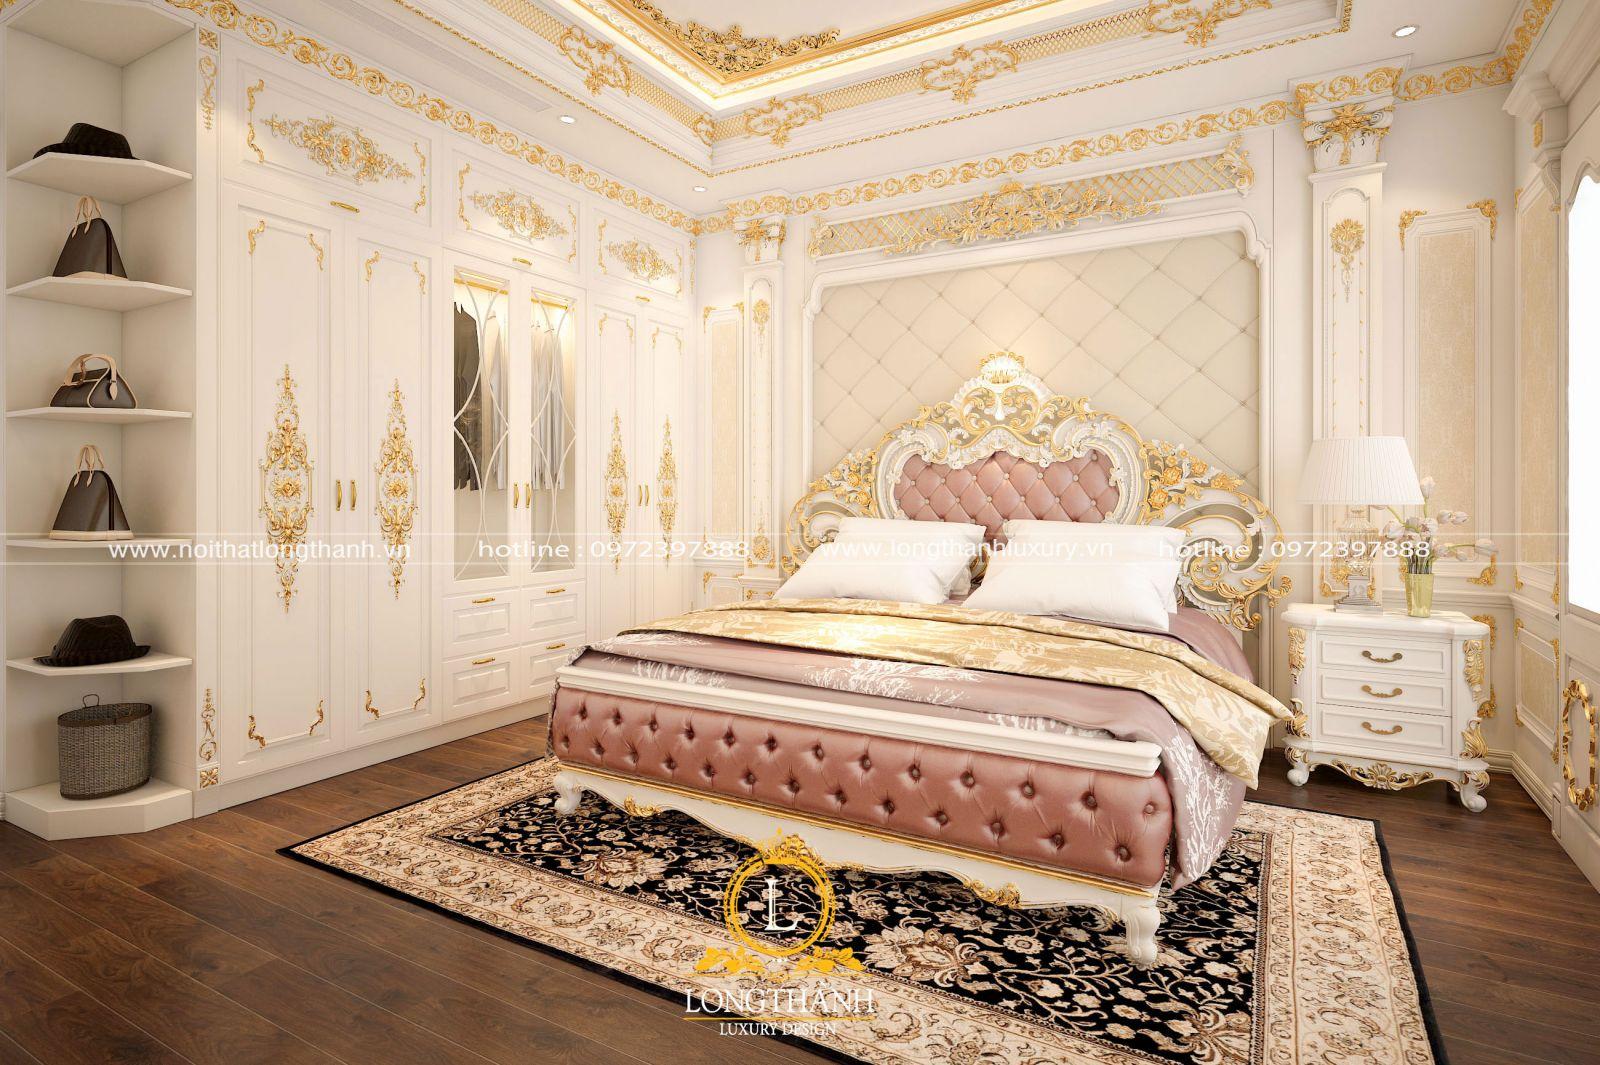 Thiết kế không gian phòng ngủ tân cổ điển với đầy đủ công năng